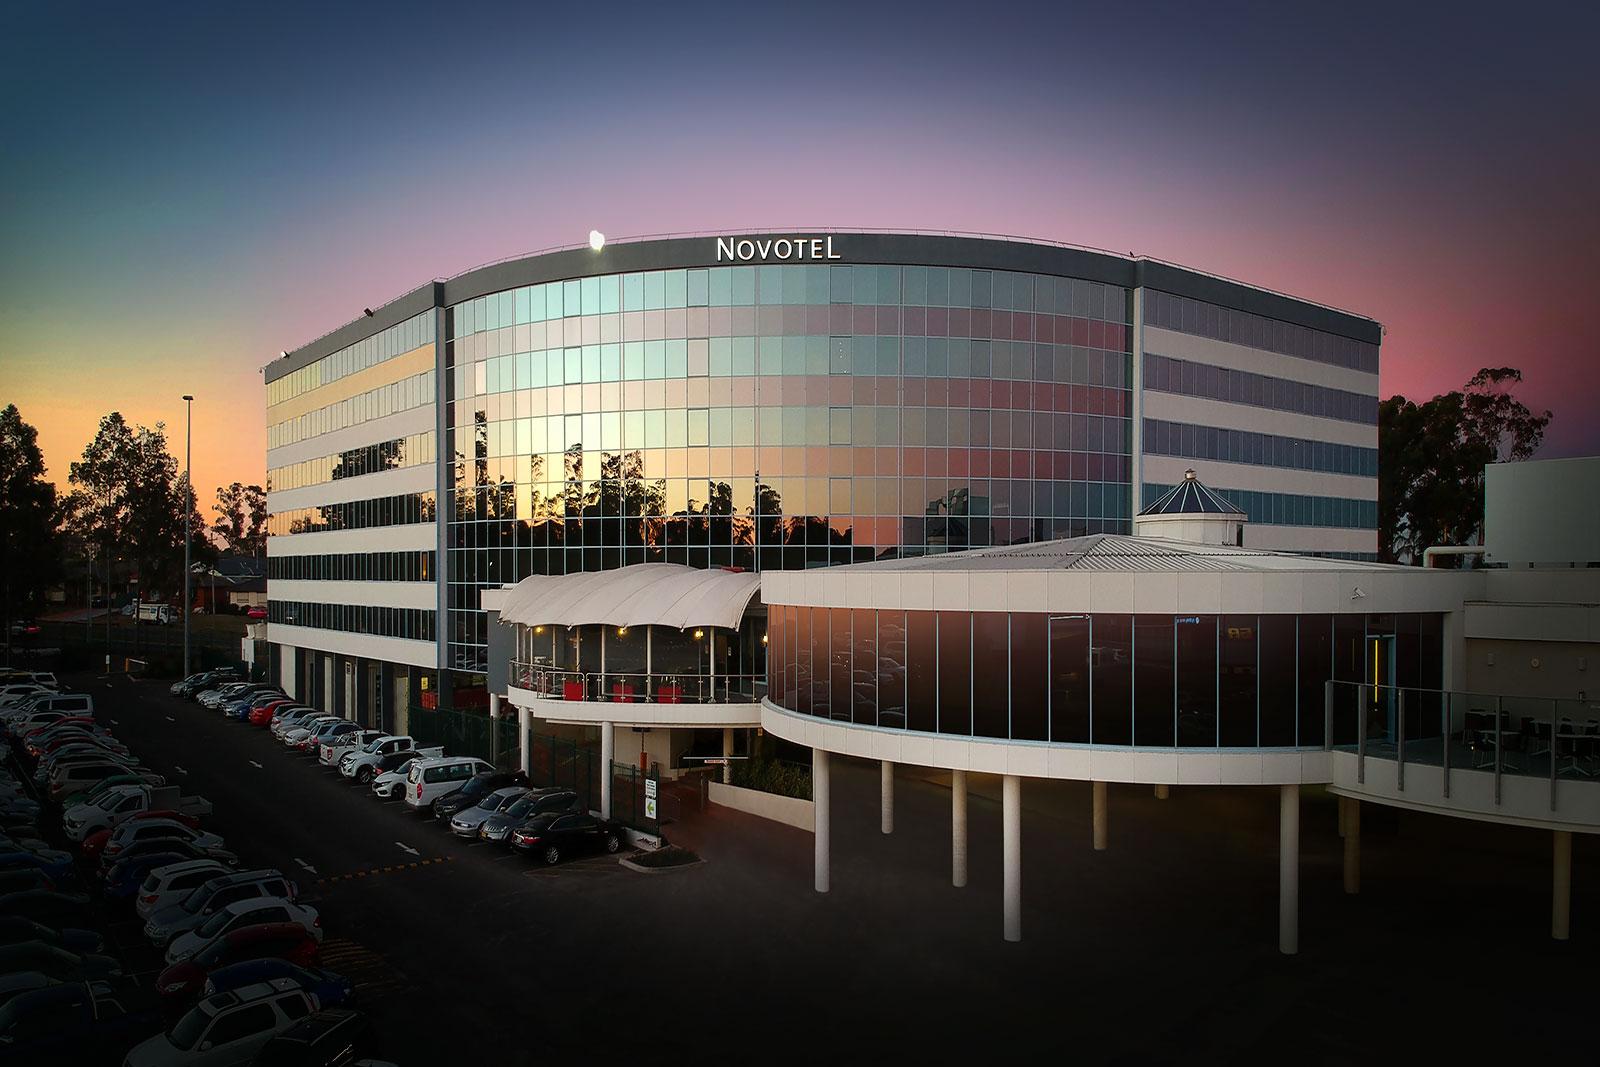 Novotel west_hq-Front